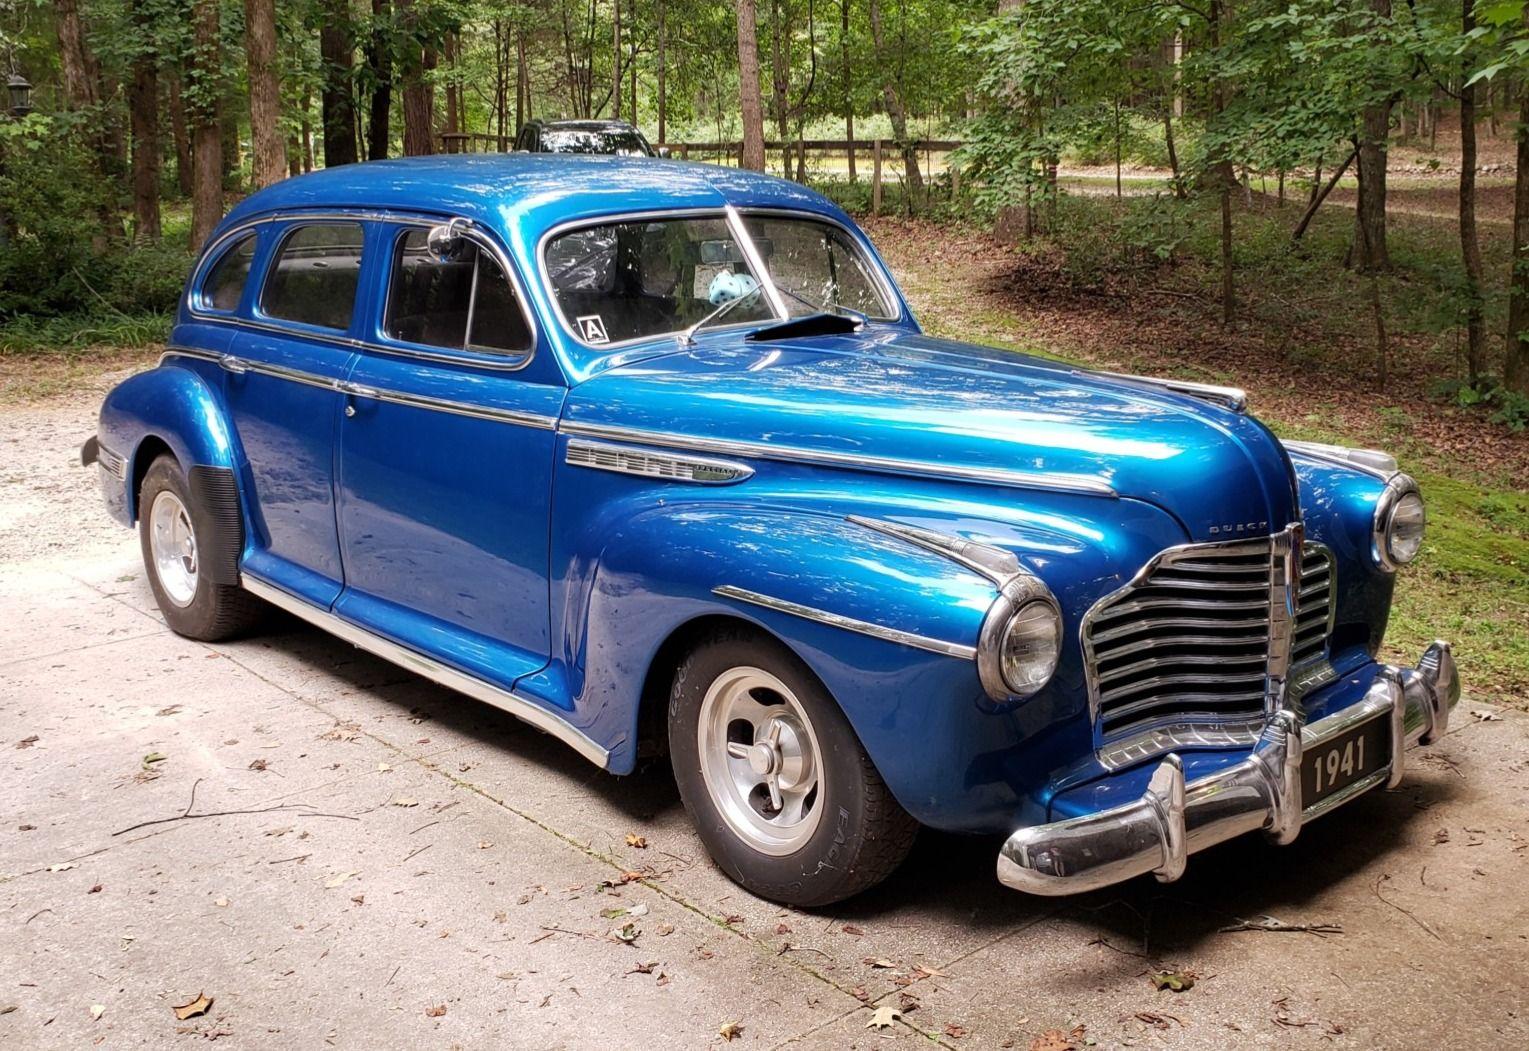 1941 Buick Special Sedan Classic cars, Buick, Classic